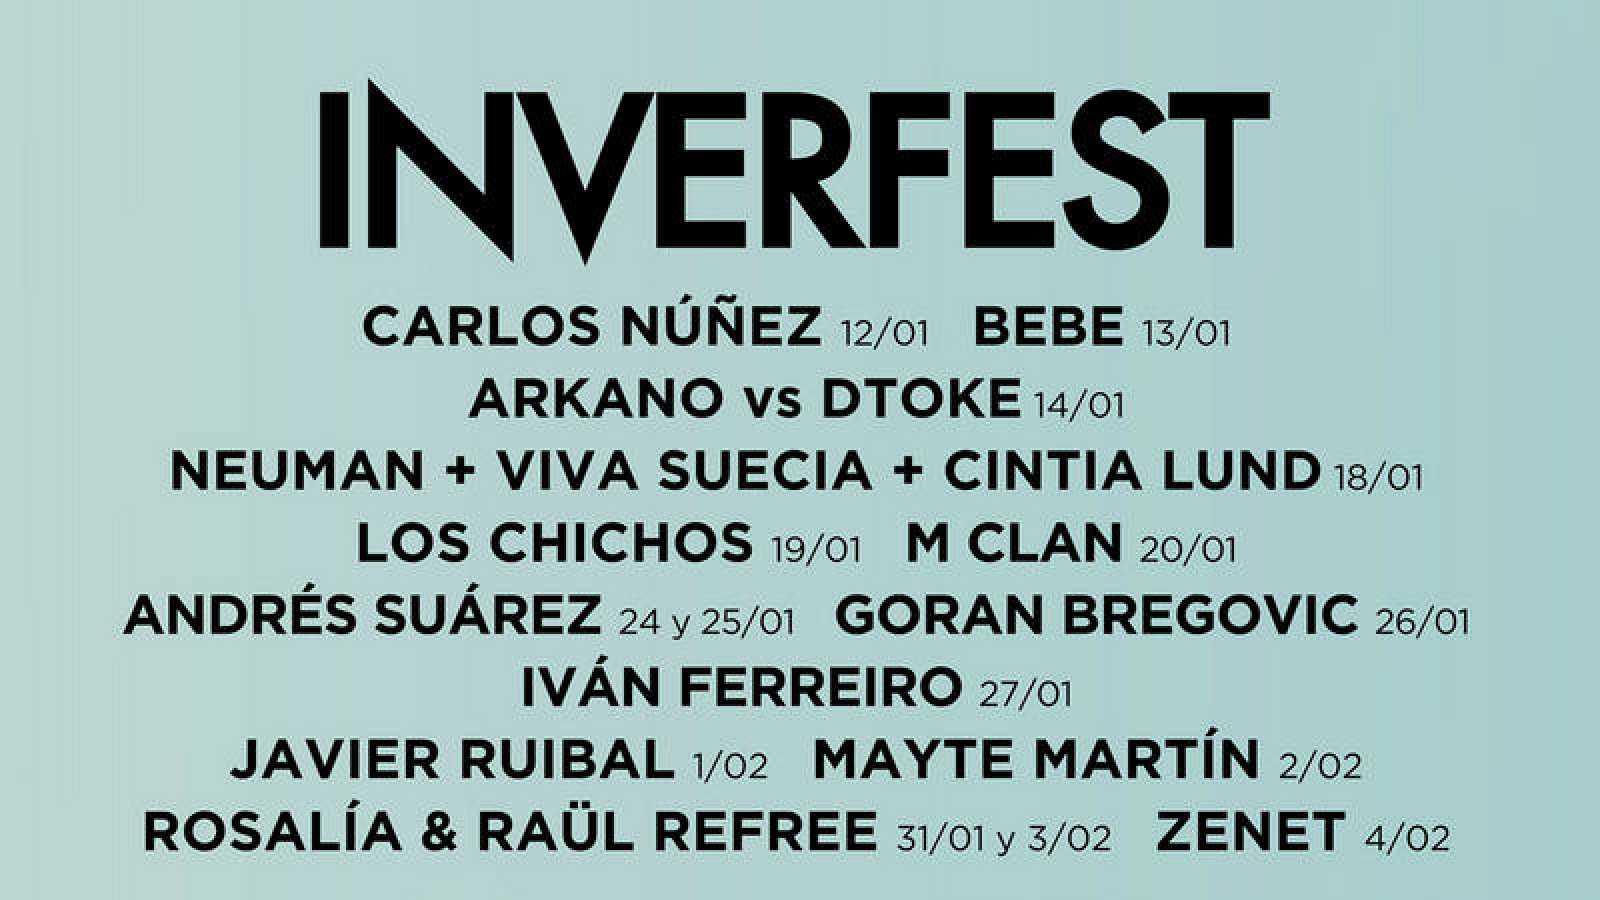 La cuarta edición del festival madrileño se celebrará en el Teatro Circo Price hasta el domingo 4 de febrero